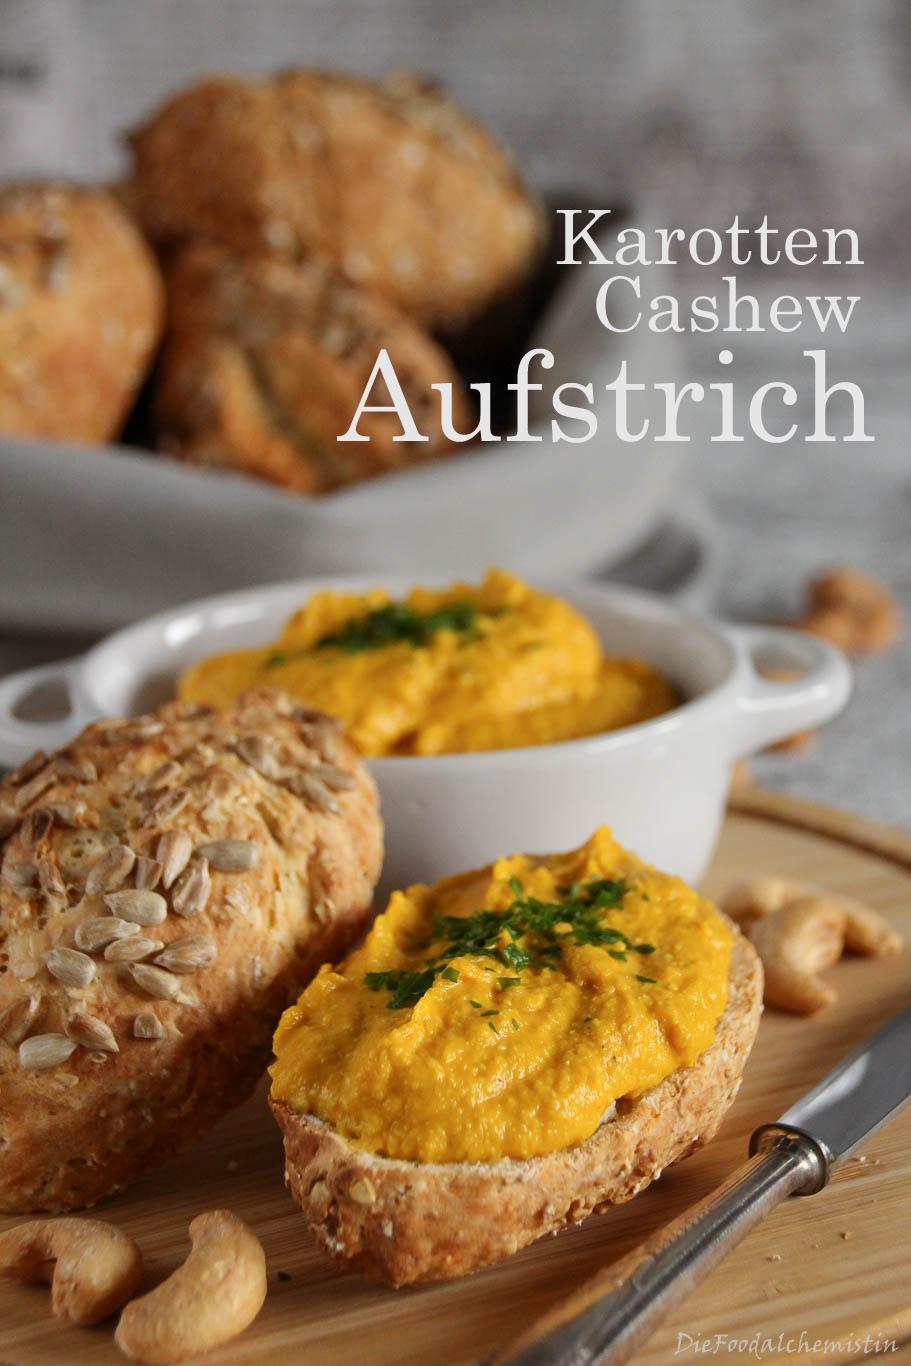 Karotten-Cashew-Aufstrich4